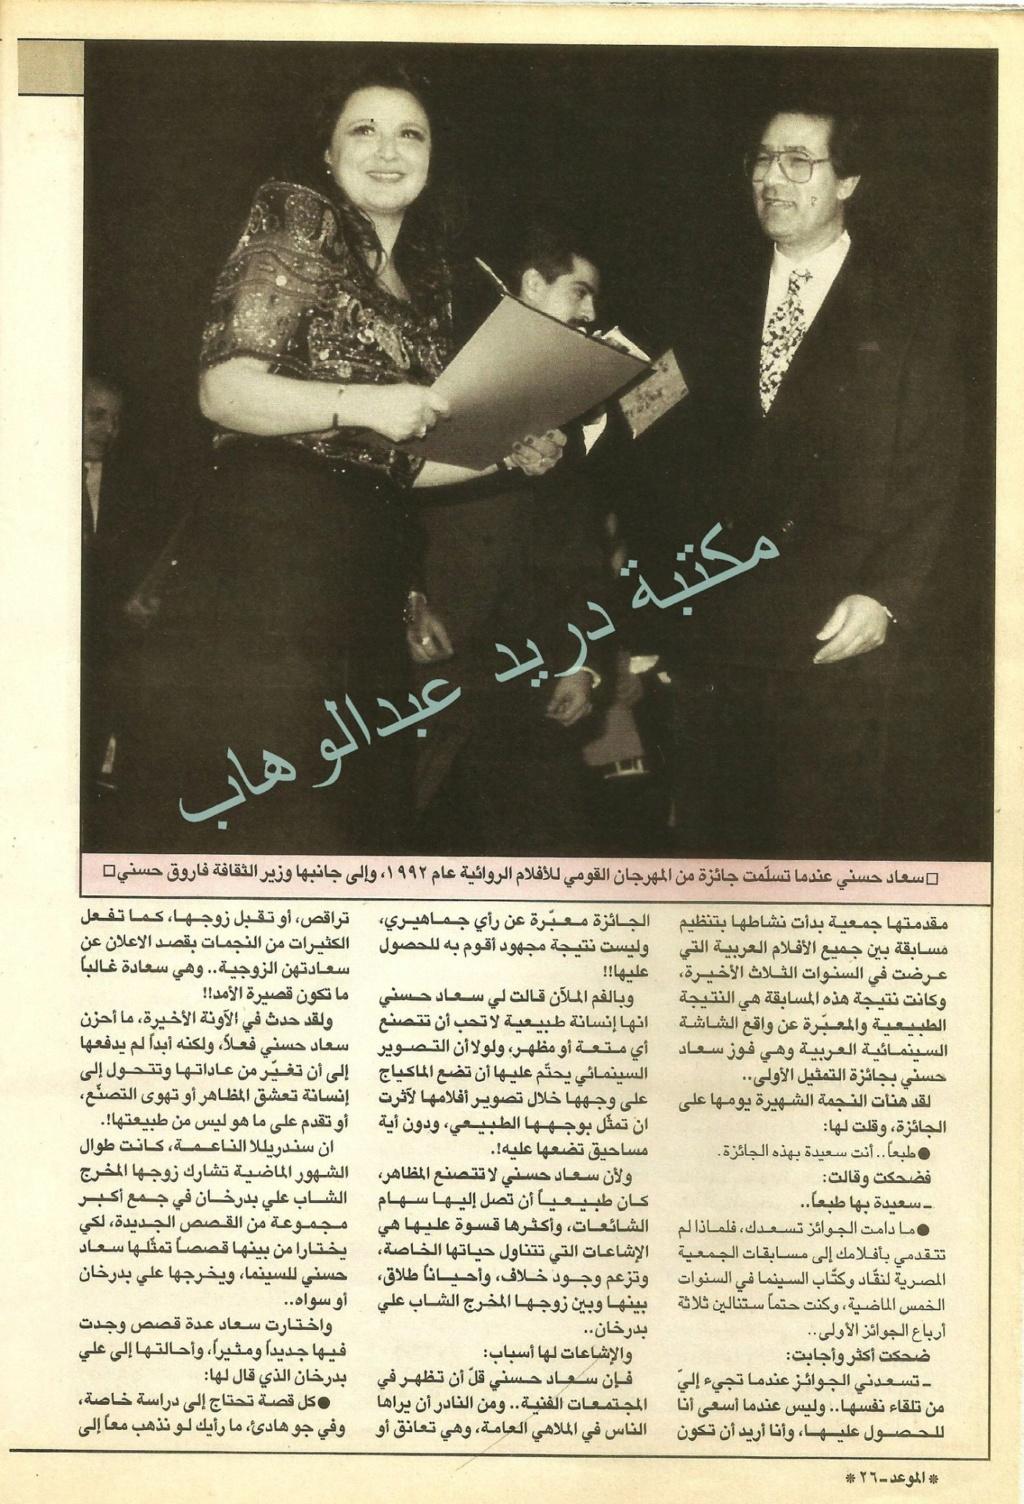 مقال صحفي : سندريللا والجوائز والاشاعات 1979 م 3128